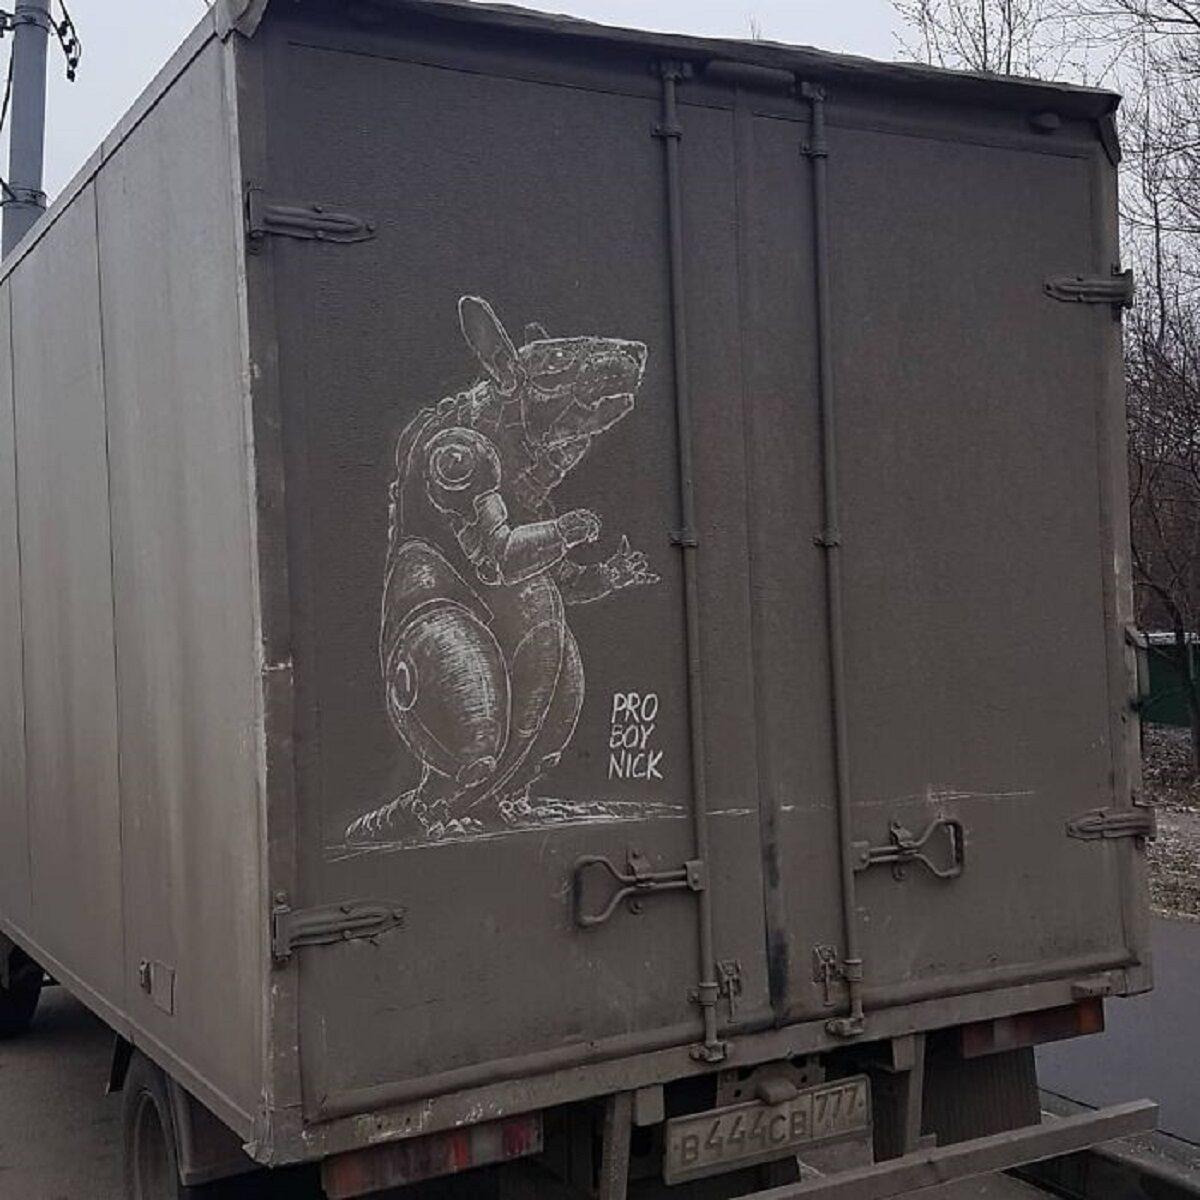 Nikita Golubev artista russa cria desenhos incriveis em caminhoes e tecnica chama atencao 22